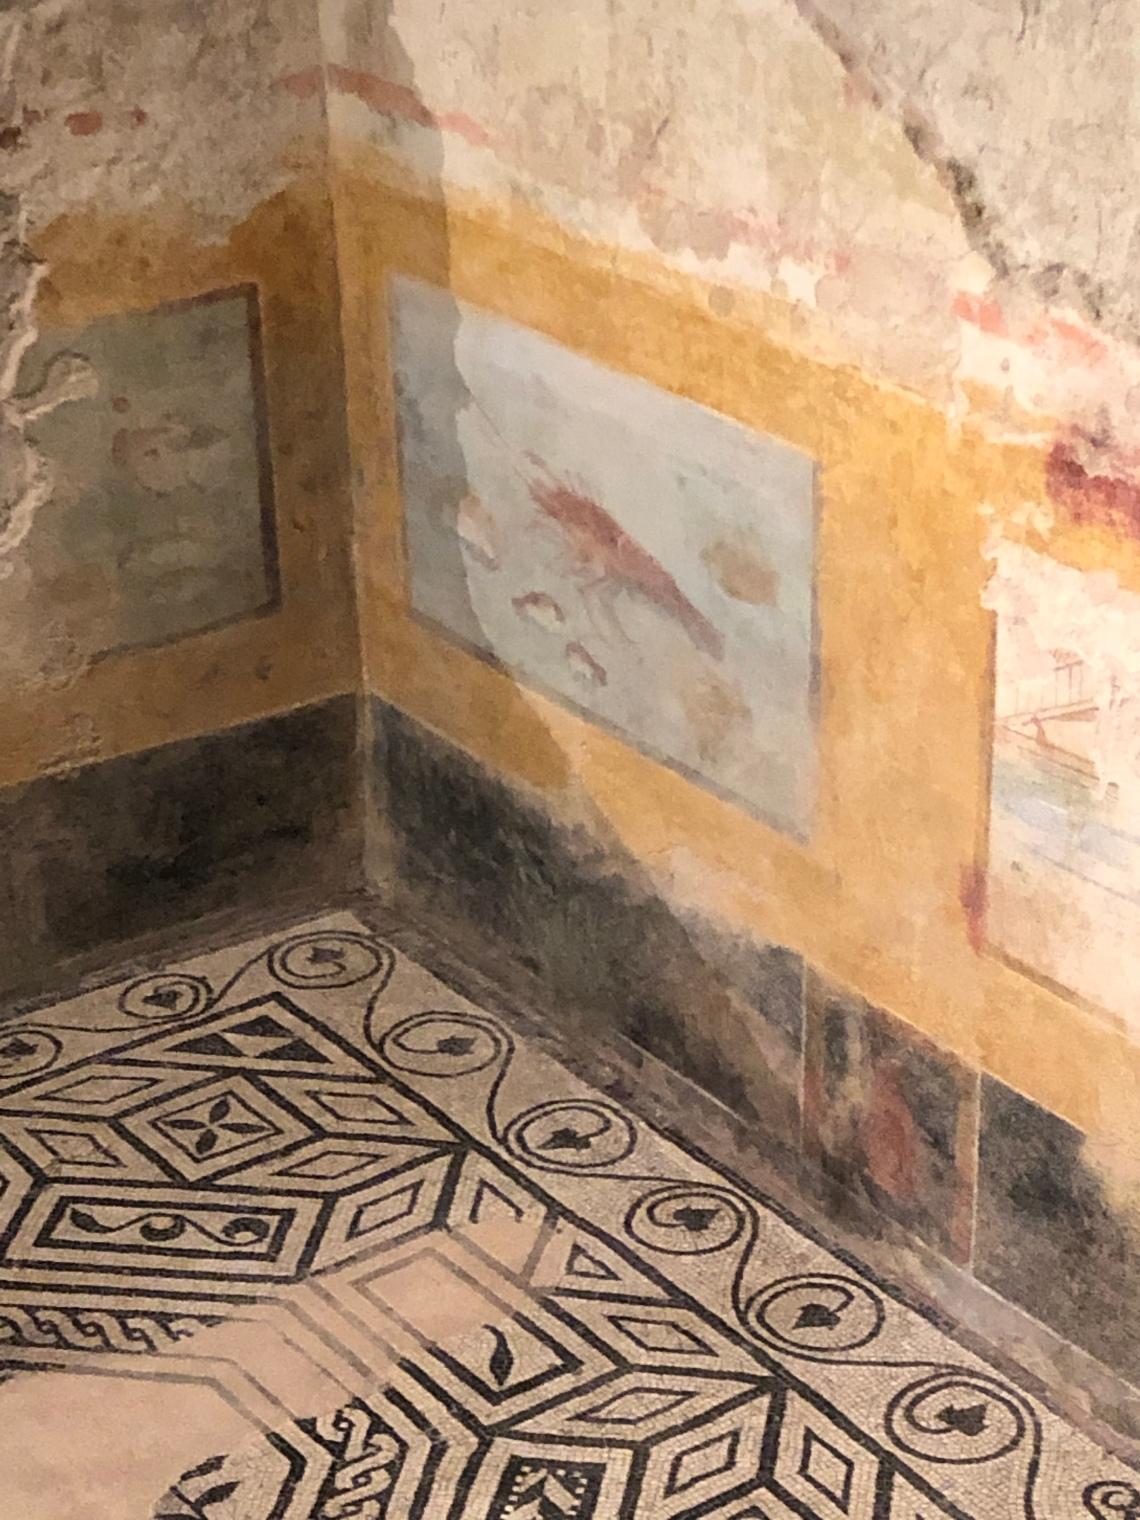 Aragosta pittura parietale delle domus romane di Brescia museo di Santa Giulia foto Galatea Vaglio